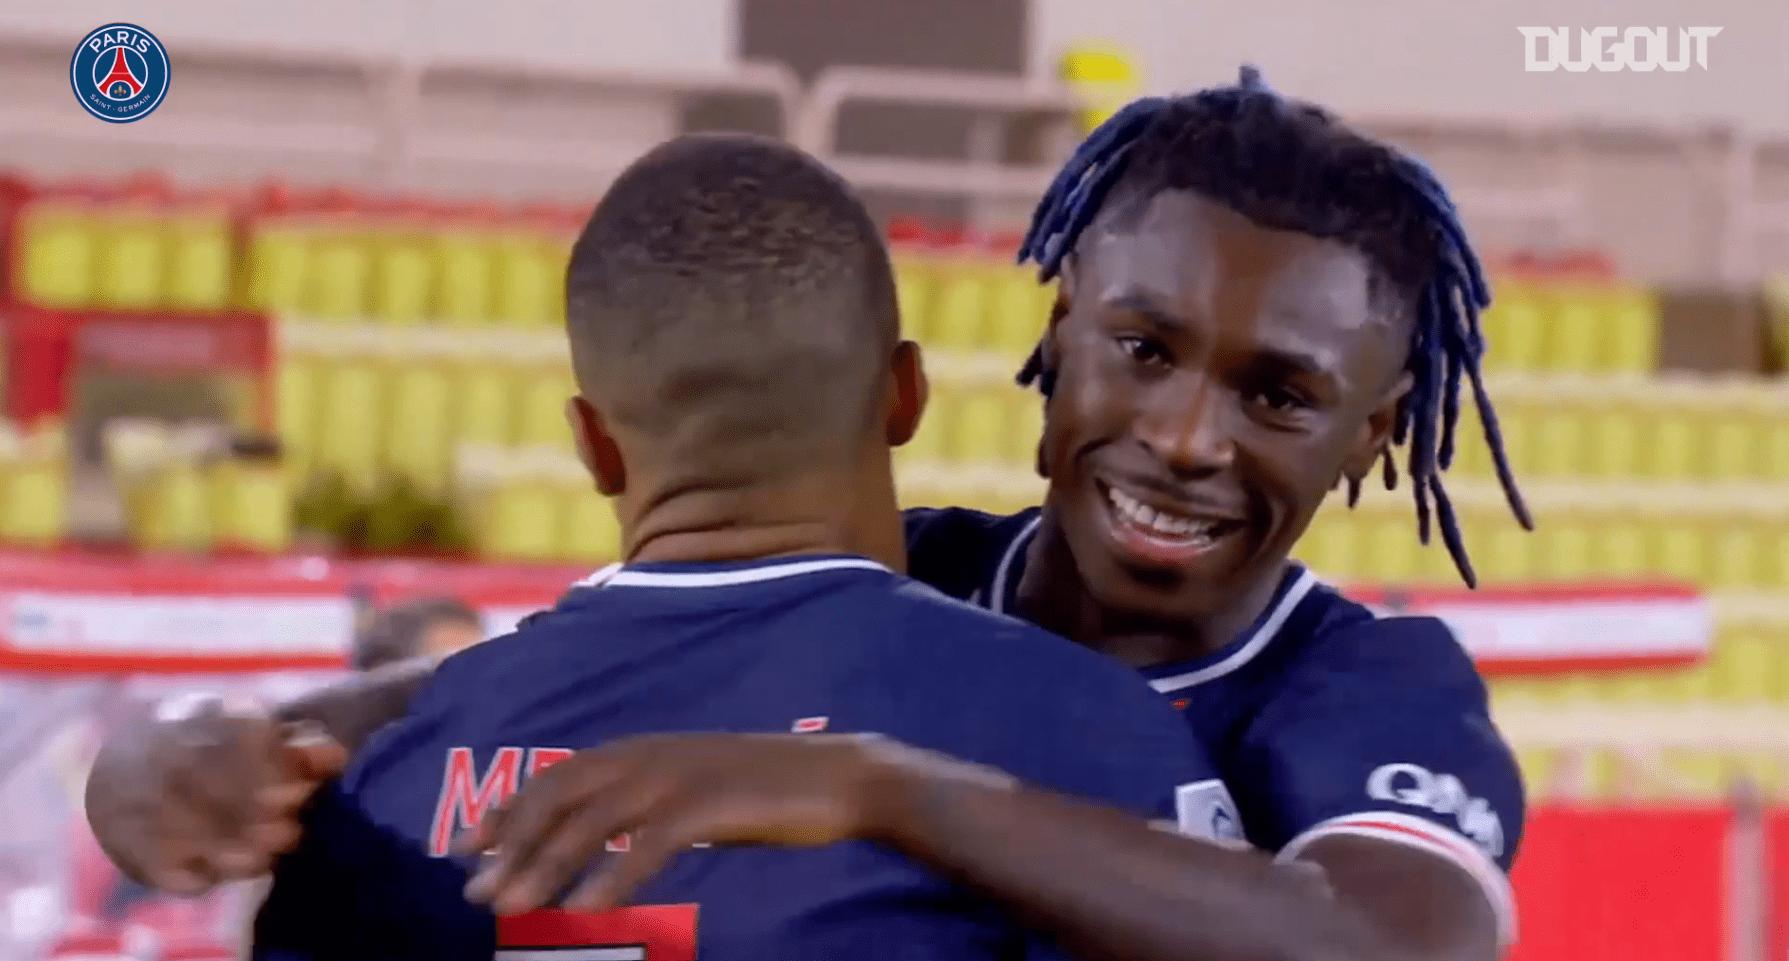 Retrouvez les 5 plus beaux buts de Mbappé avec le PSG face à Monaco